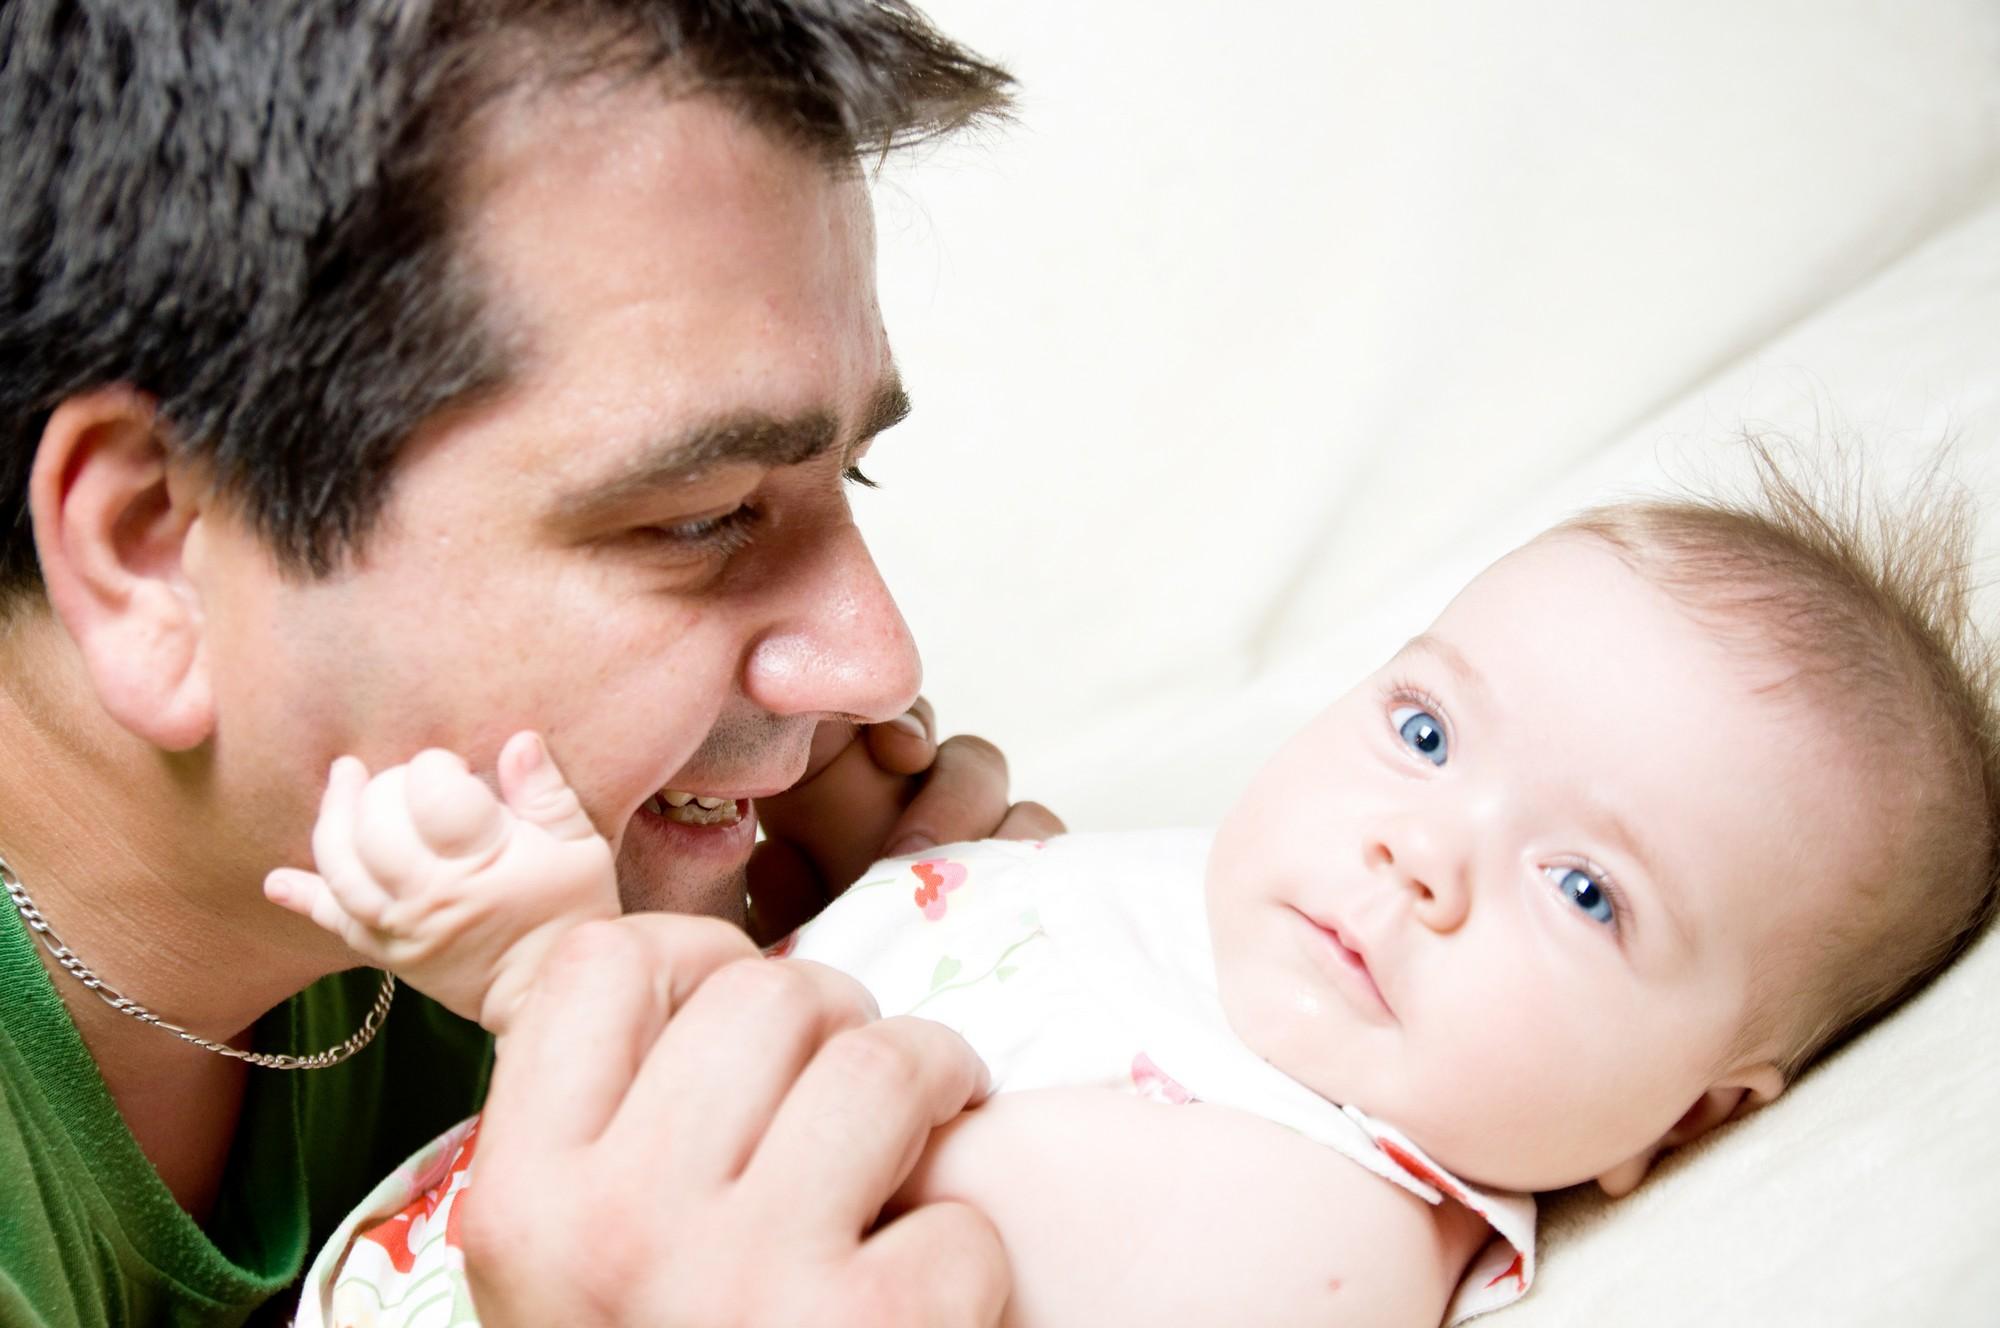 babyfotos dortmund babyshooting dortmund babybauchfotos dortmund babybauchshooting dortmund. Black Bedroom Furniture Sets. Home Design Ideas